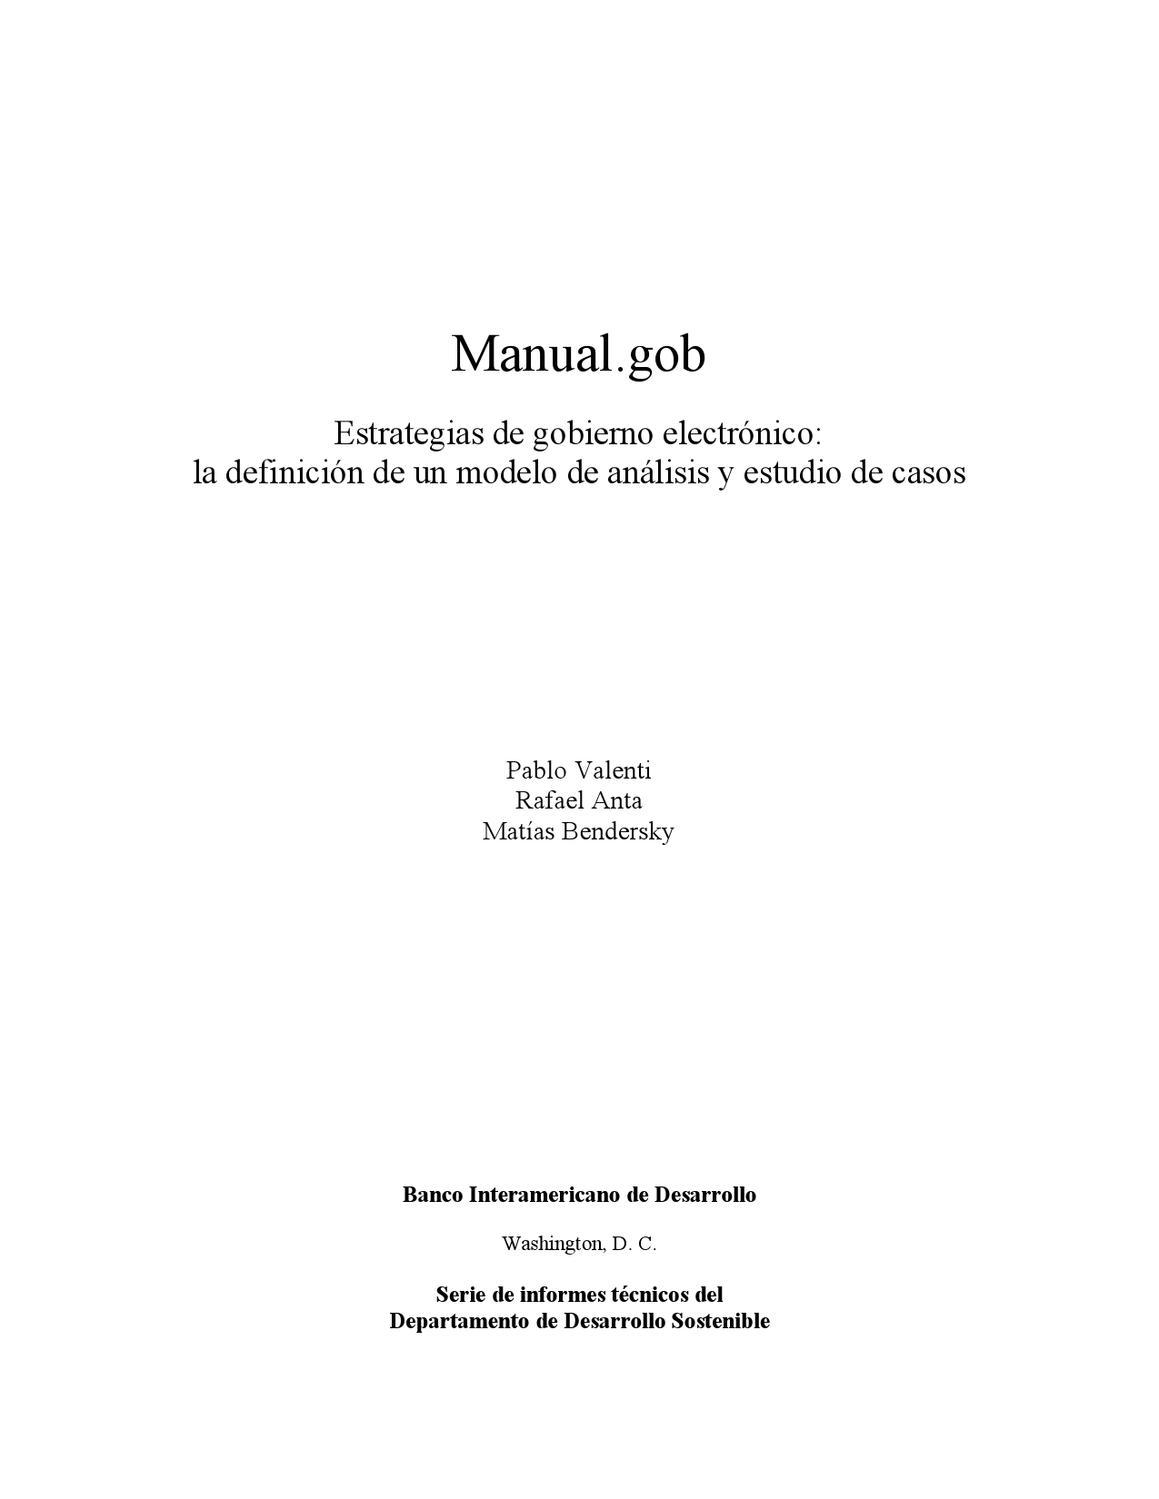 manual.gob: estrategias de gobierno electrónico: la definición de un ...